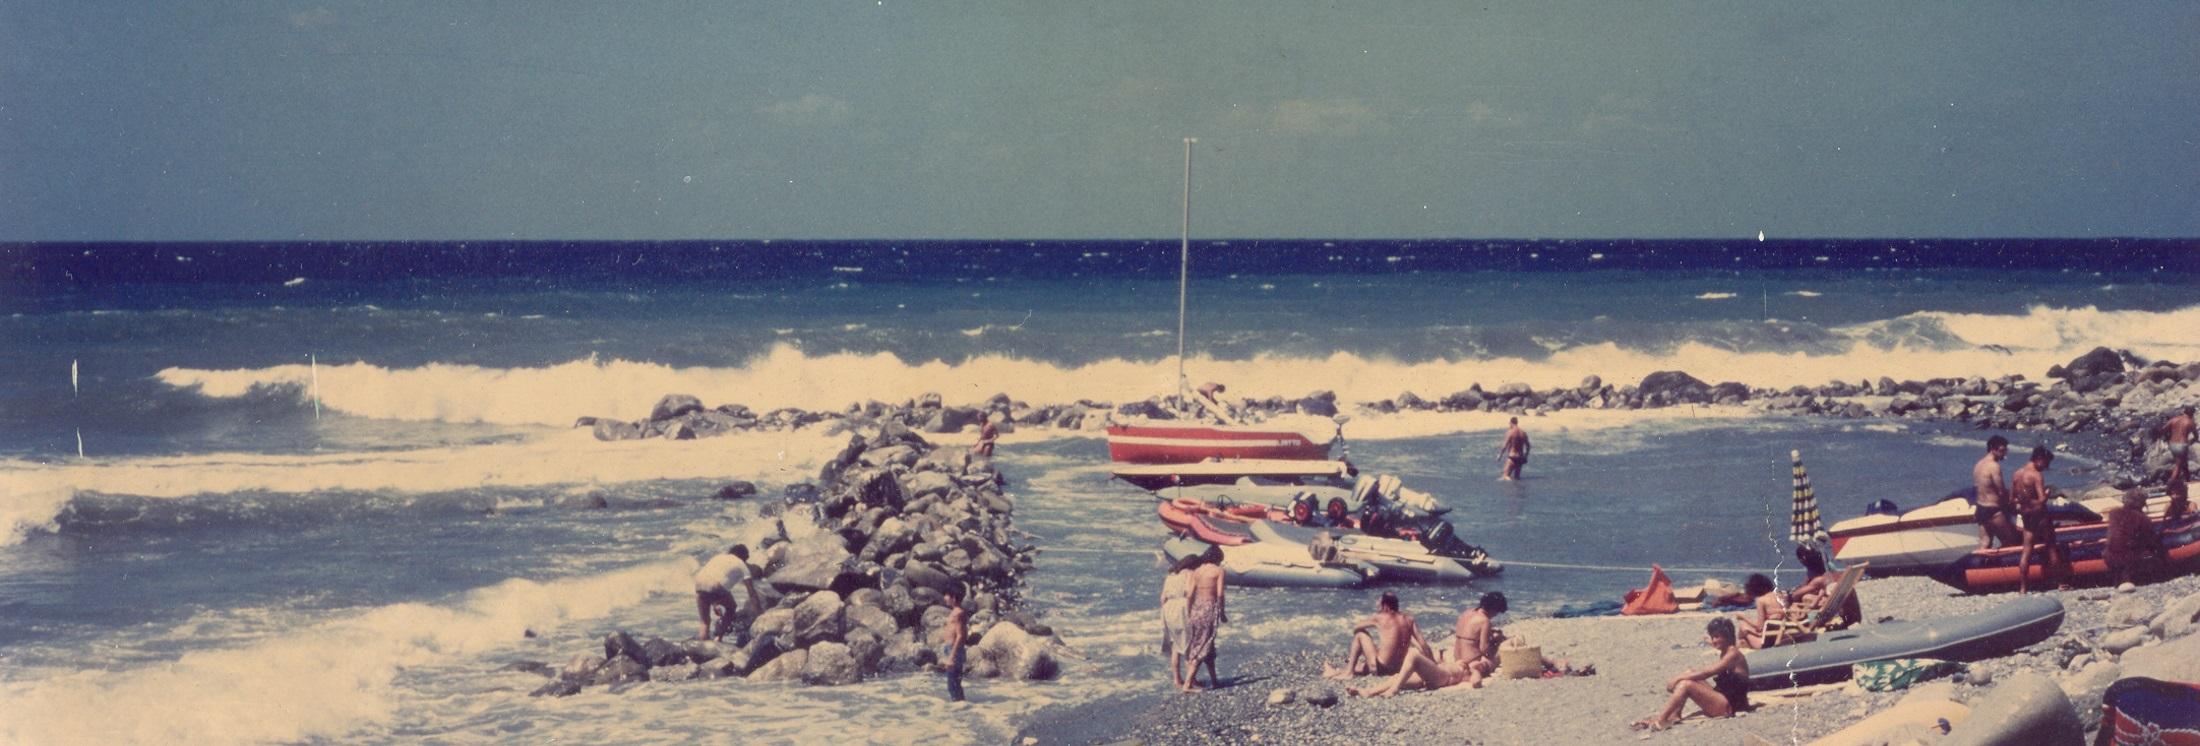 spiaggiaeporticiolo (2)